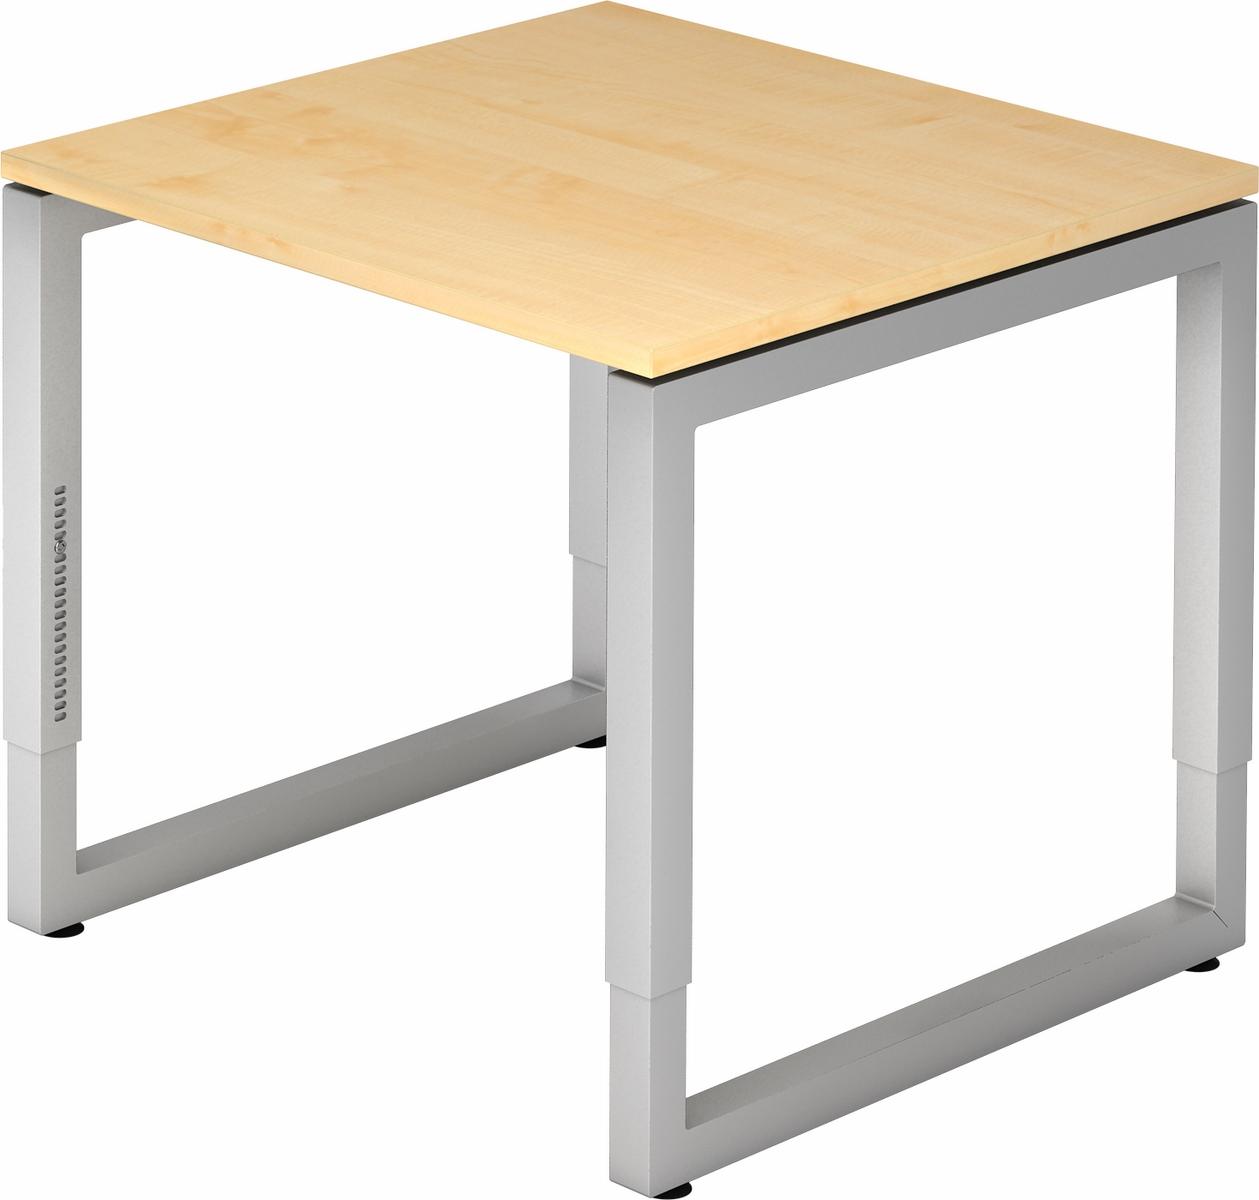 Schreibtisch h henverstellbar b rotisch b roschreibtisch for Schreibtisch fa r jungs